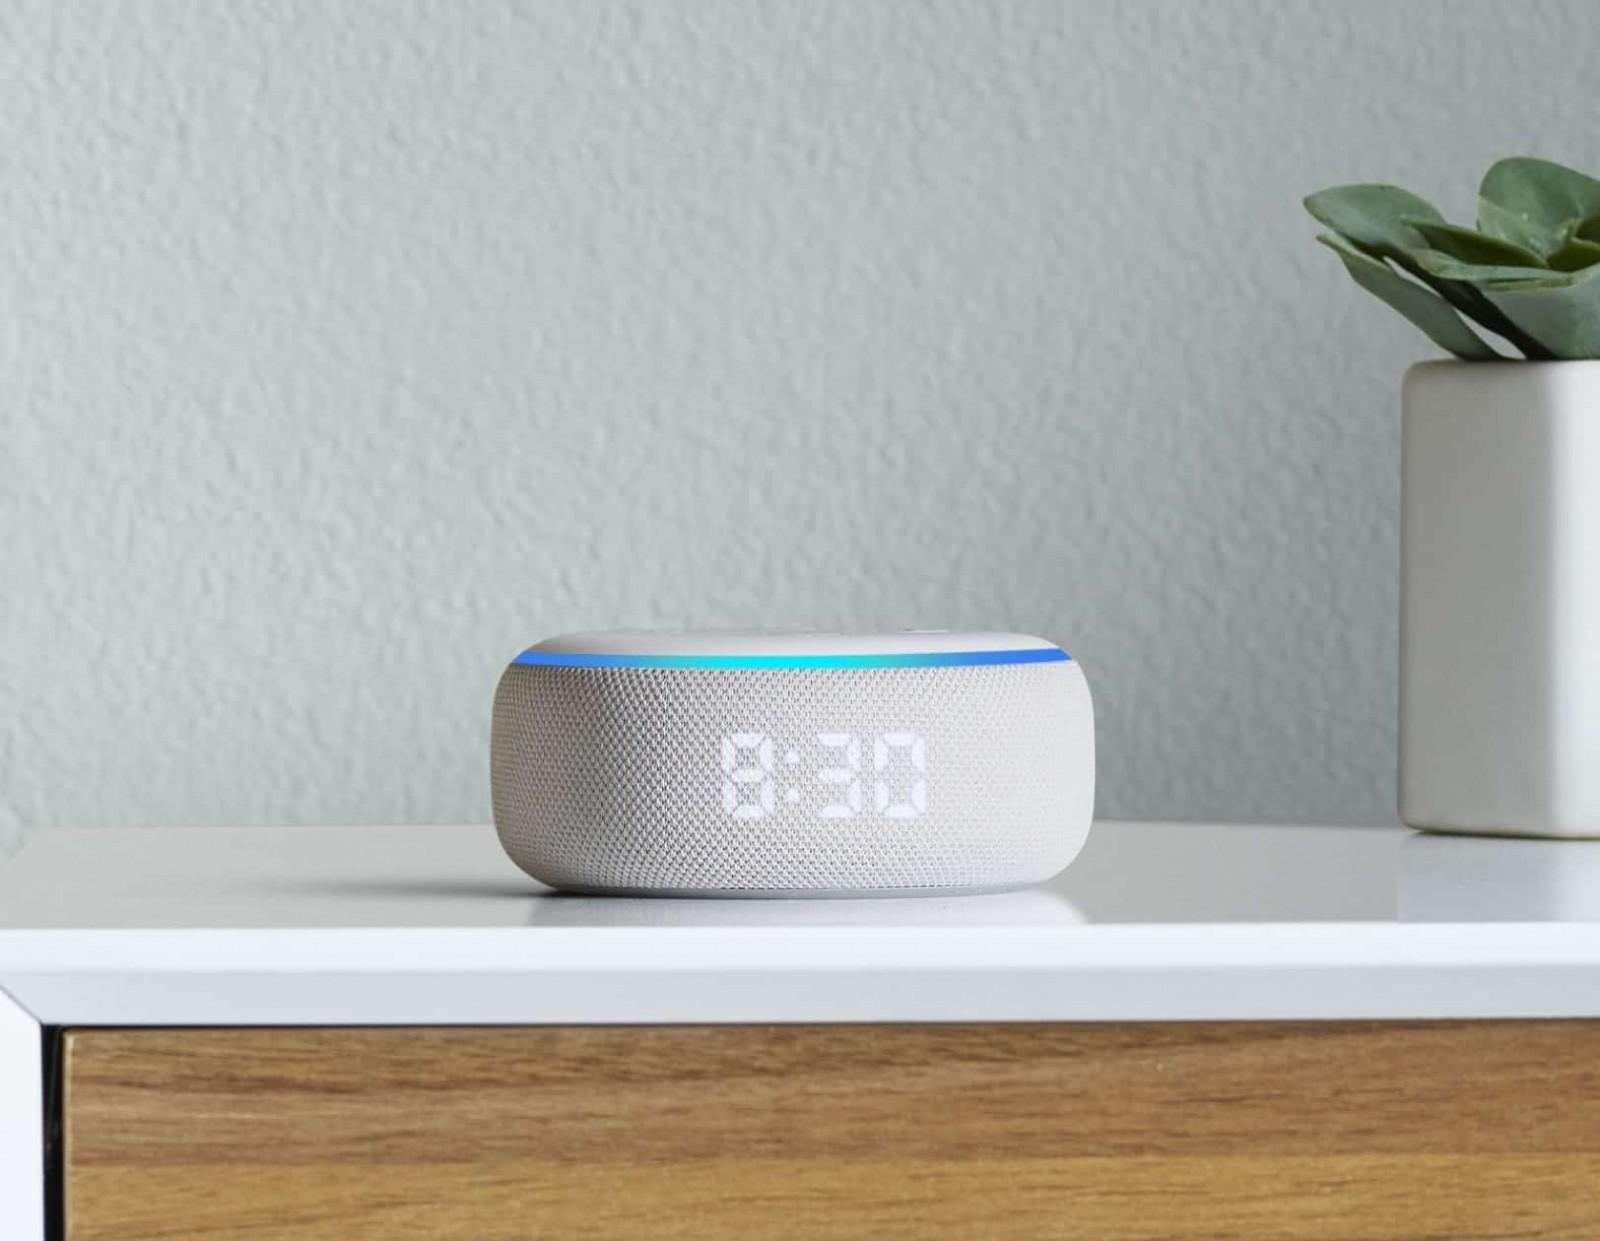 Amazon New Echo With Clock